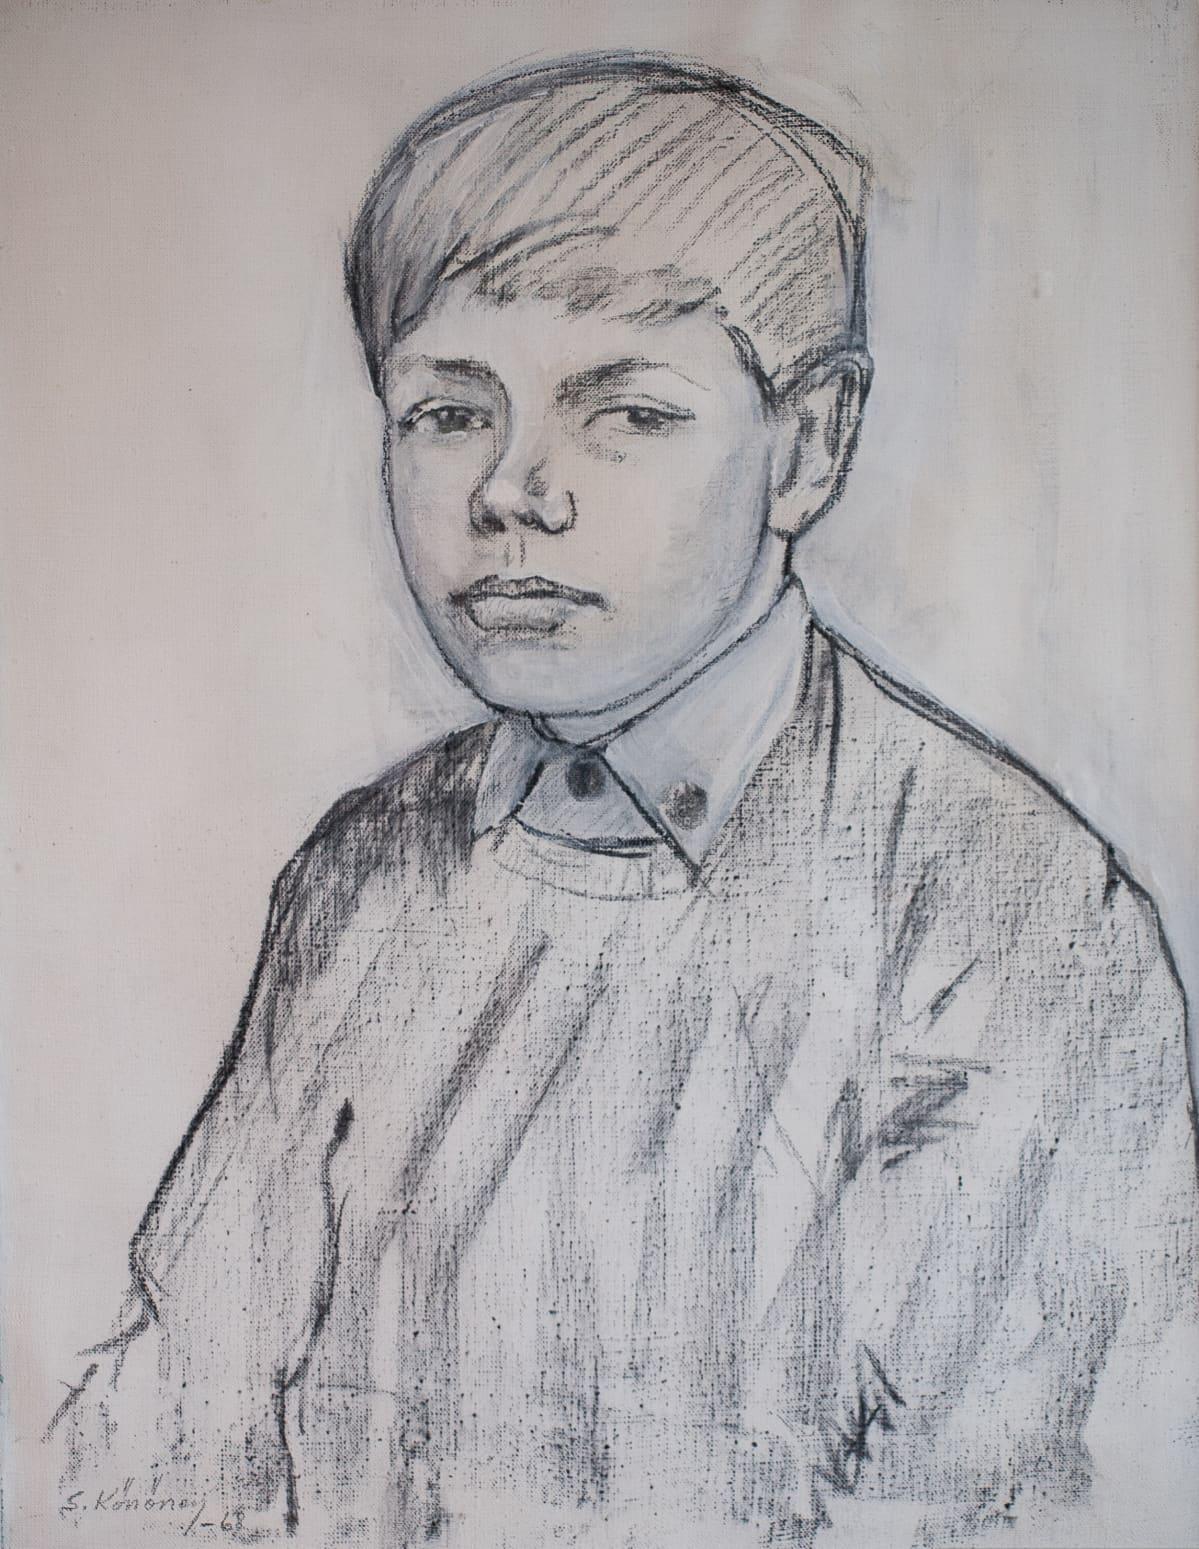 Jouni Mömmön muotokuva. Piirtäjä Seppo Könönen, 1968.